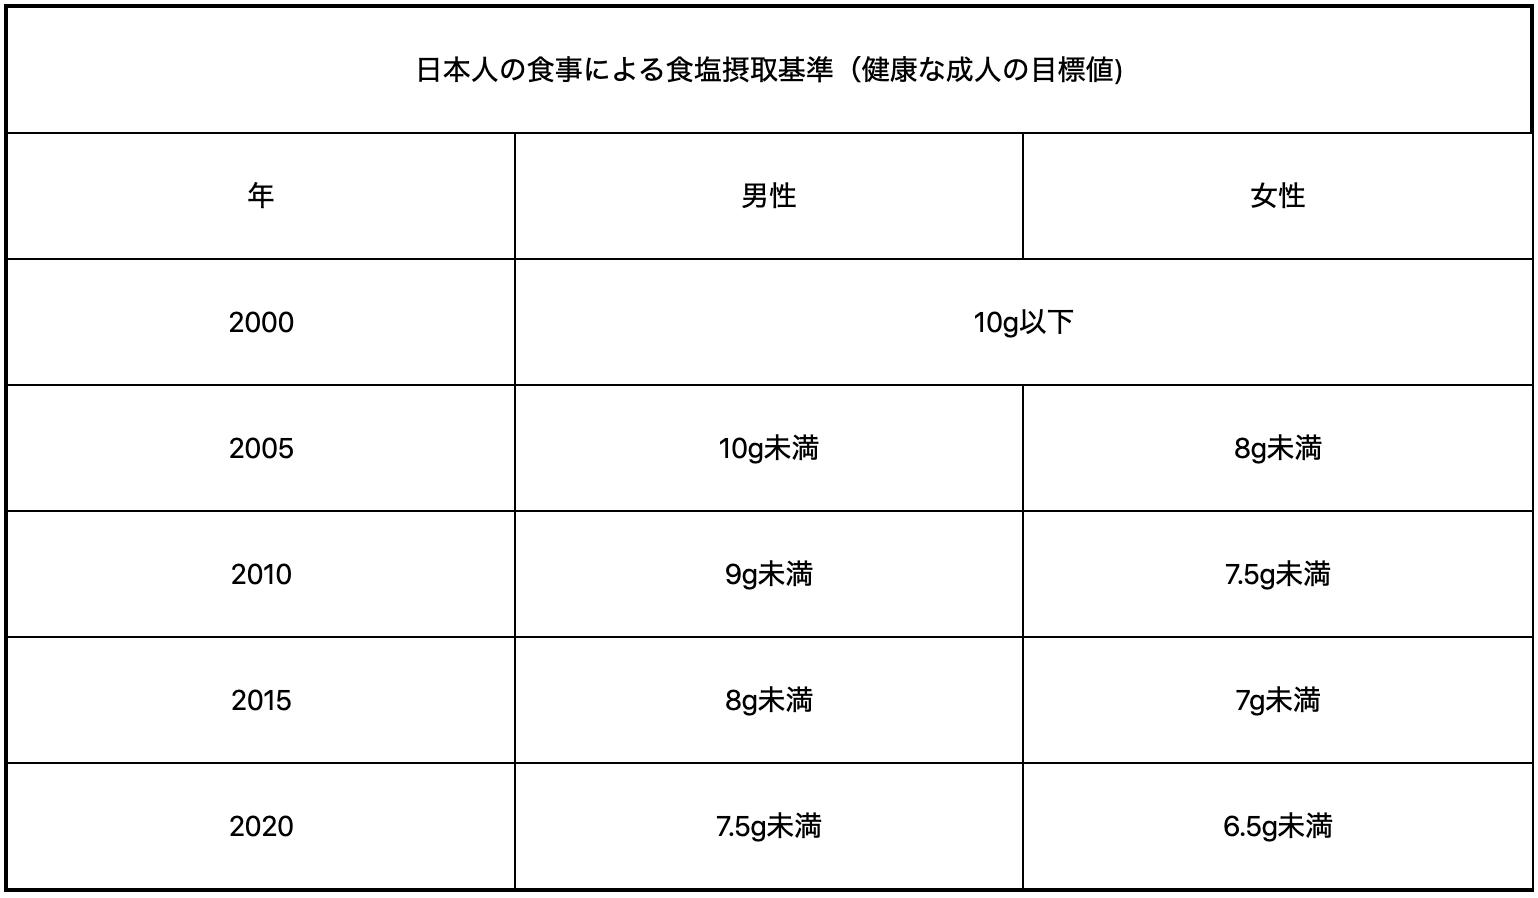 日本人の食事による食塩摂取基準(健康的な成人の目標値)